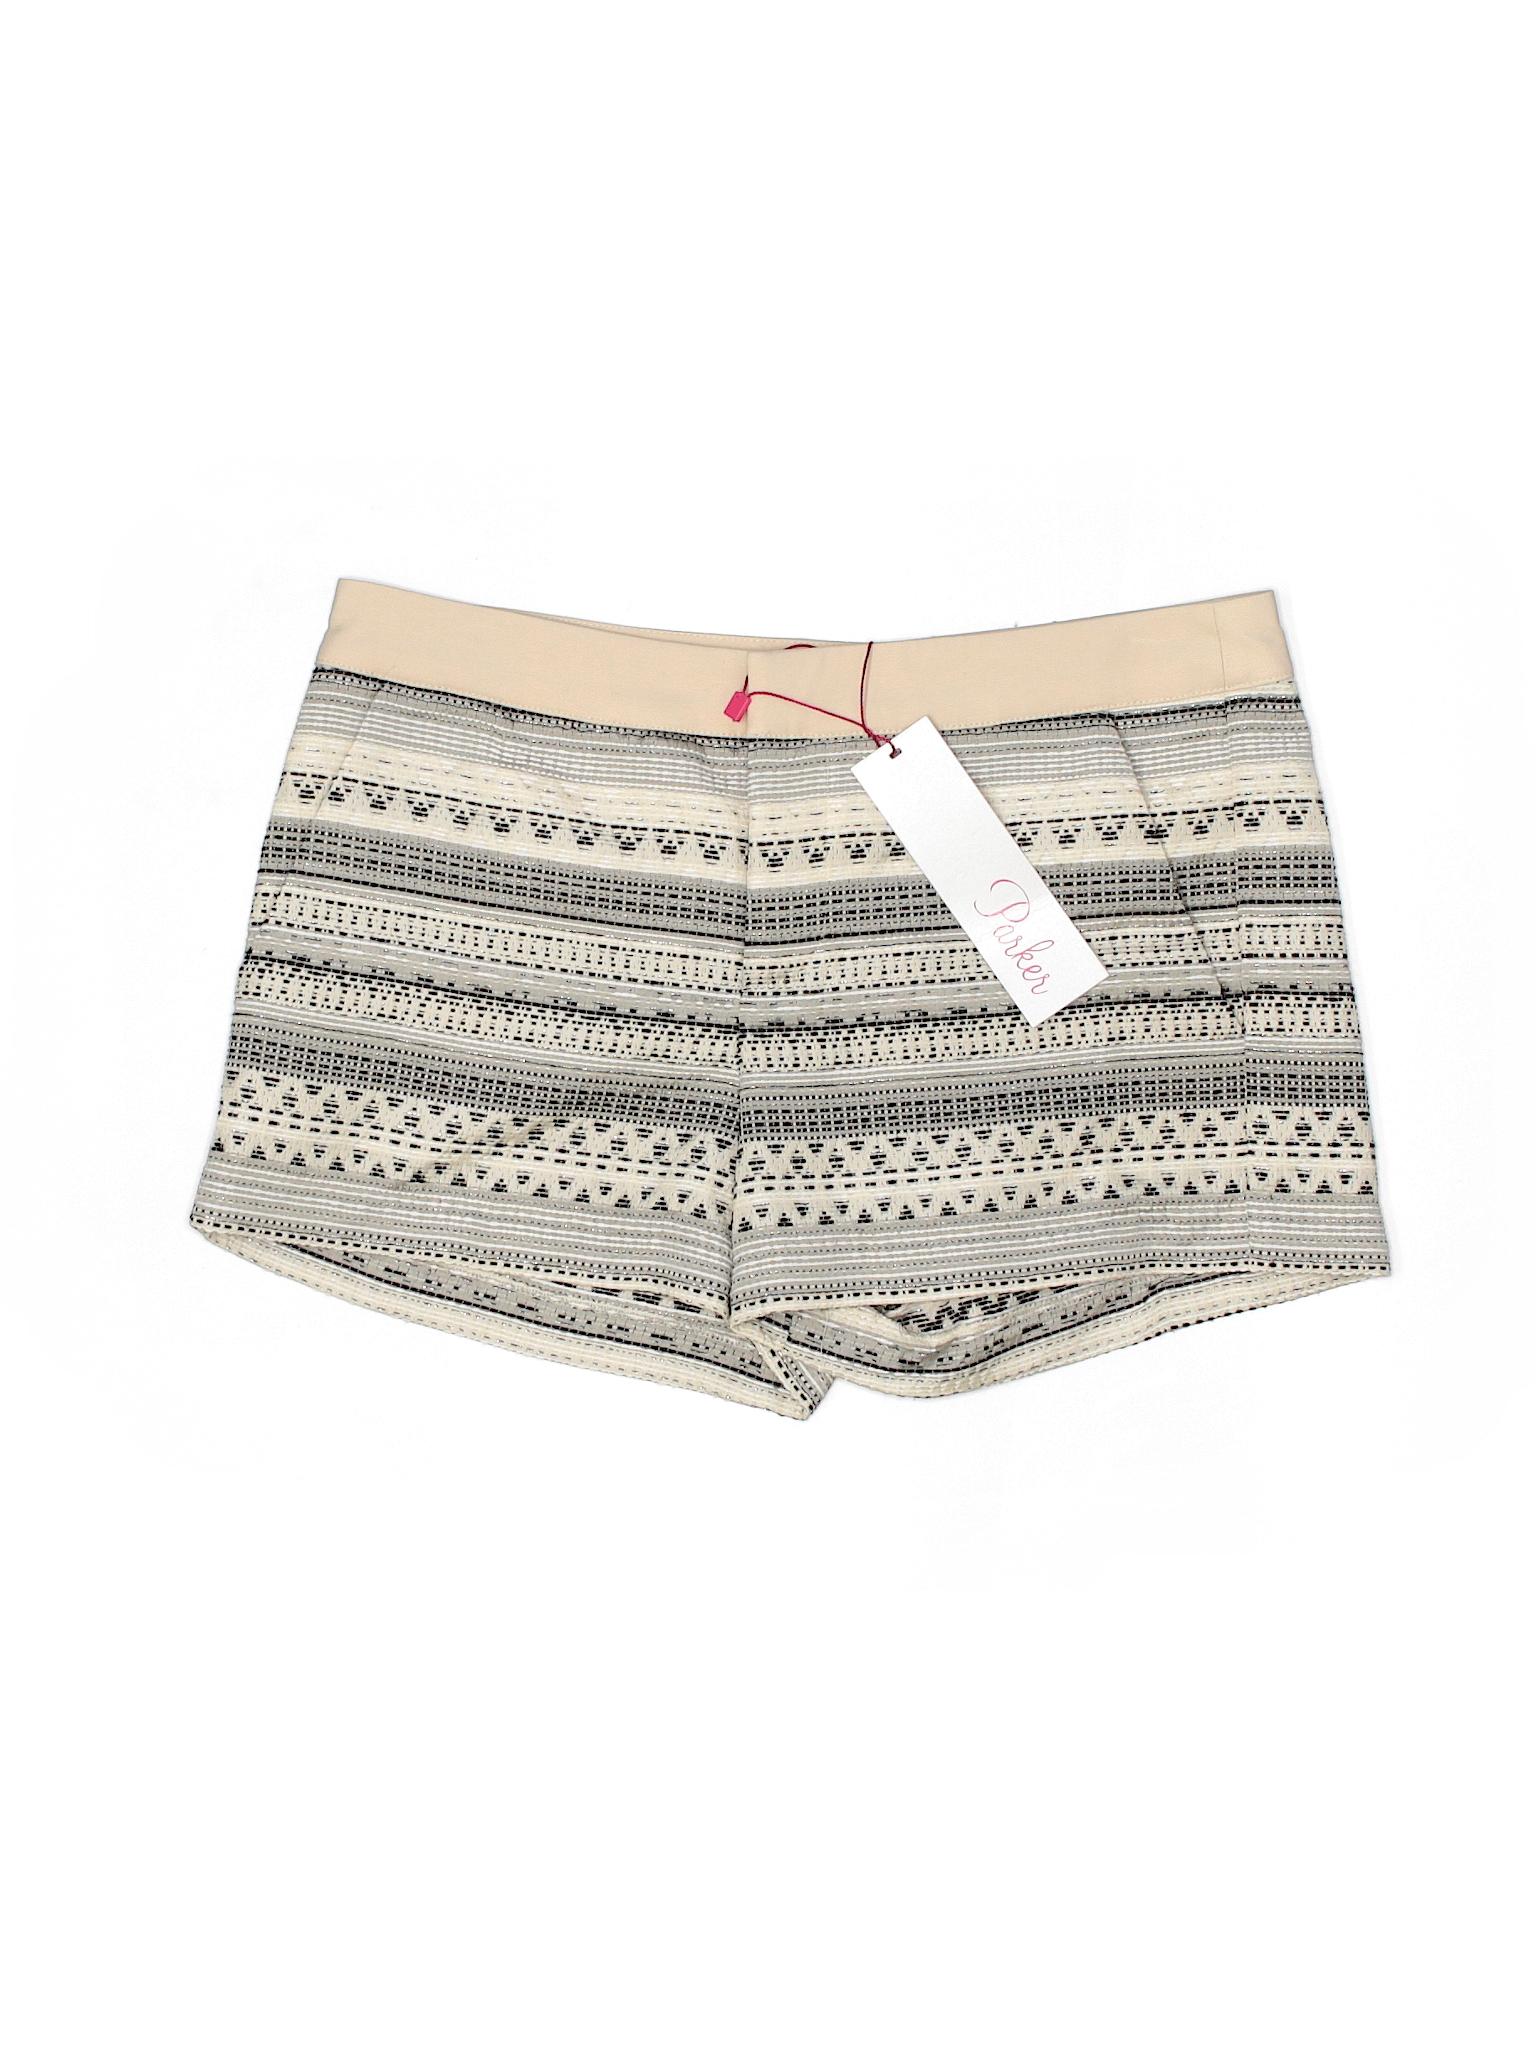 leisure Boutique Shorts Parker leisure Parker leisure Boutique Shorts Shorts Boutique Parker IBIfwq08